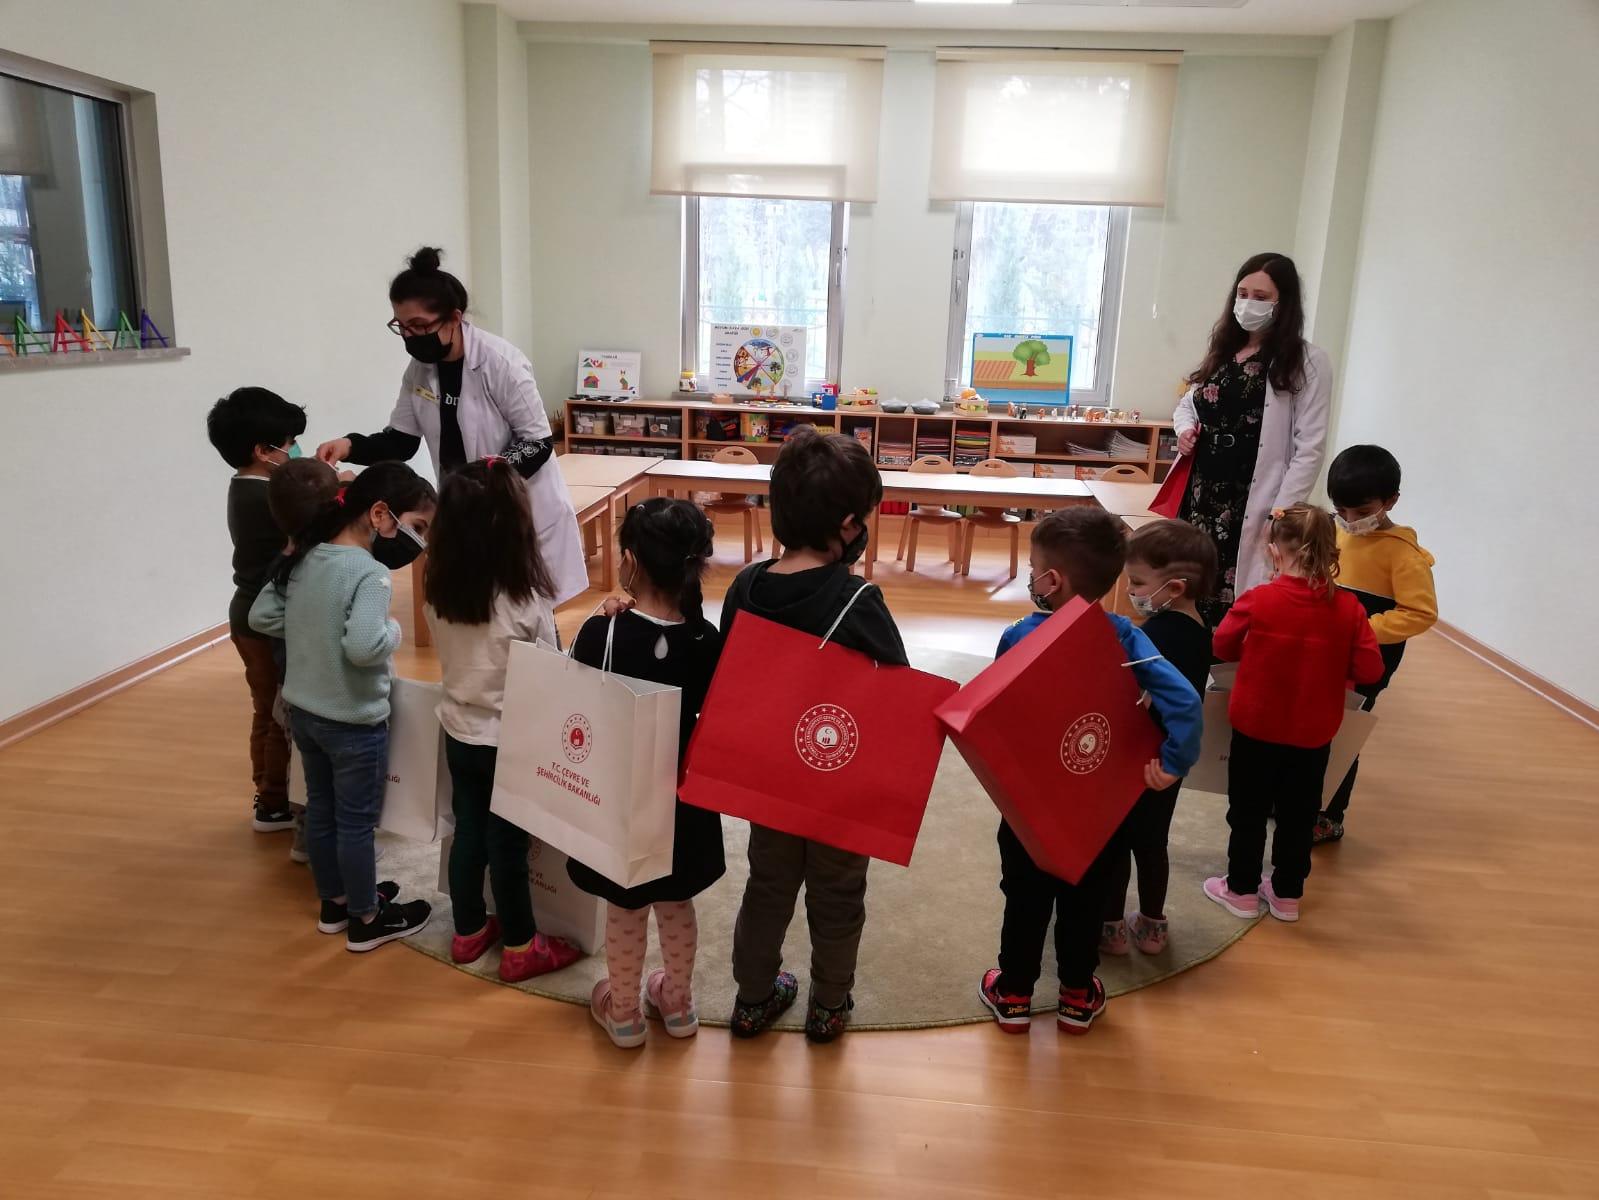 Çocuklar çevre konusunda bilinçleniyor